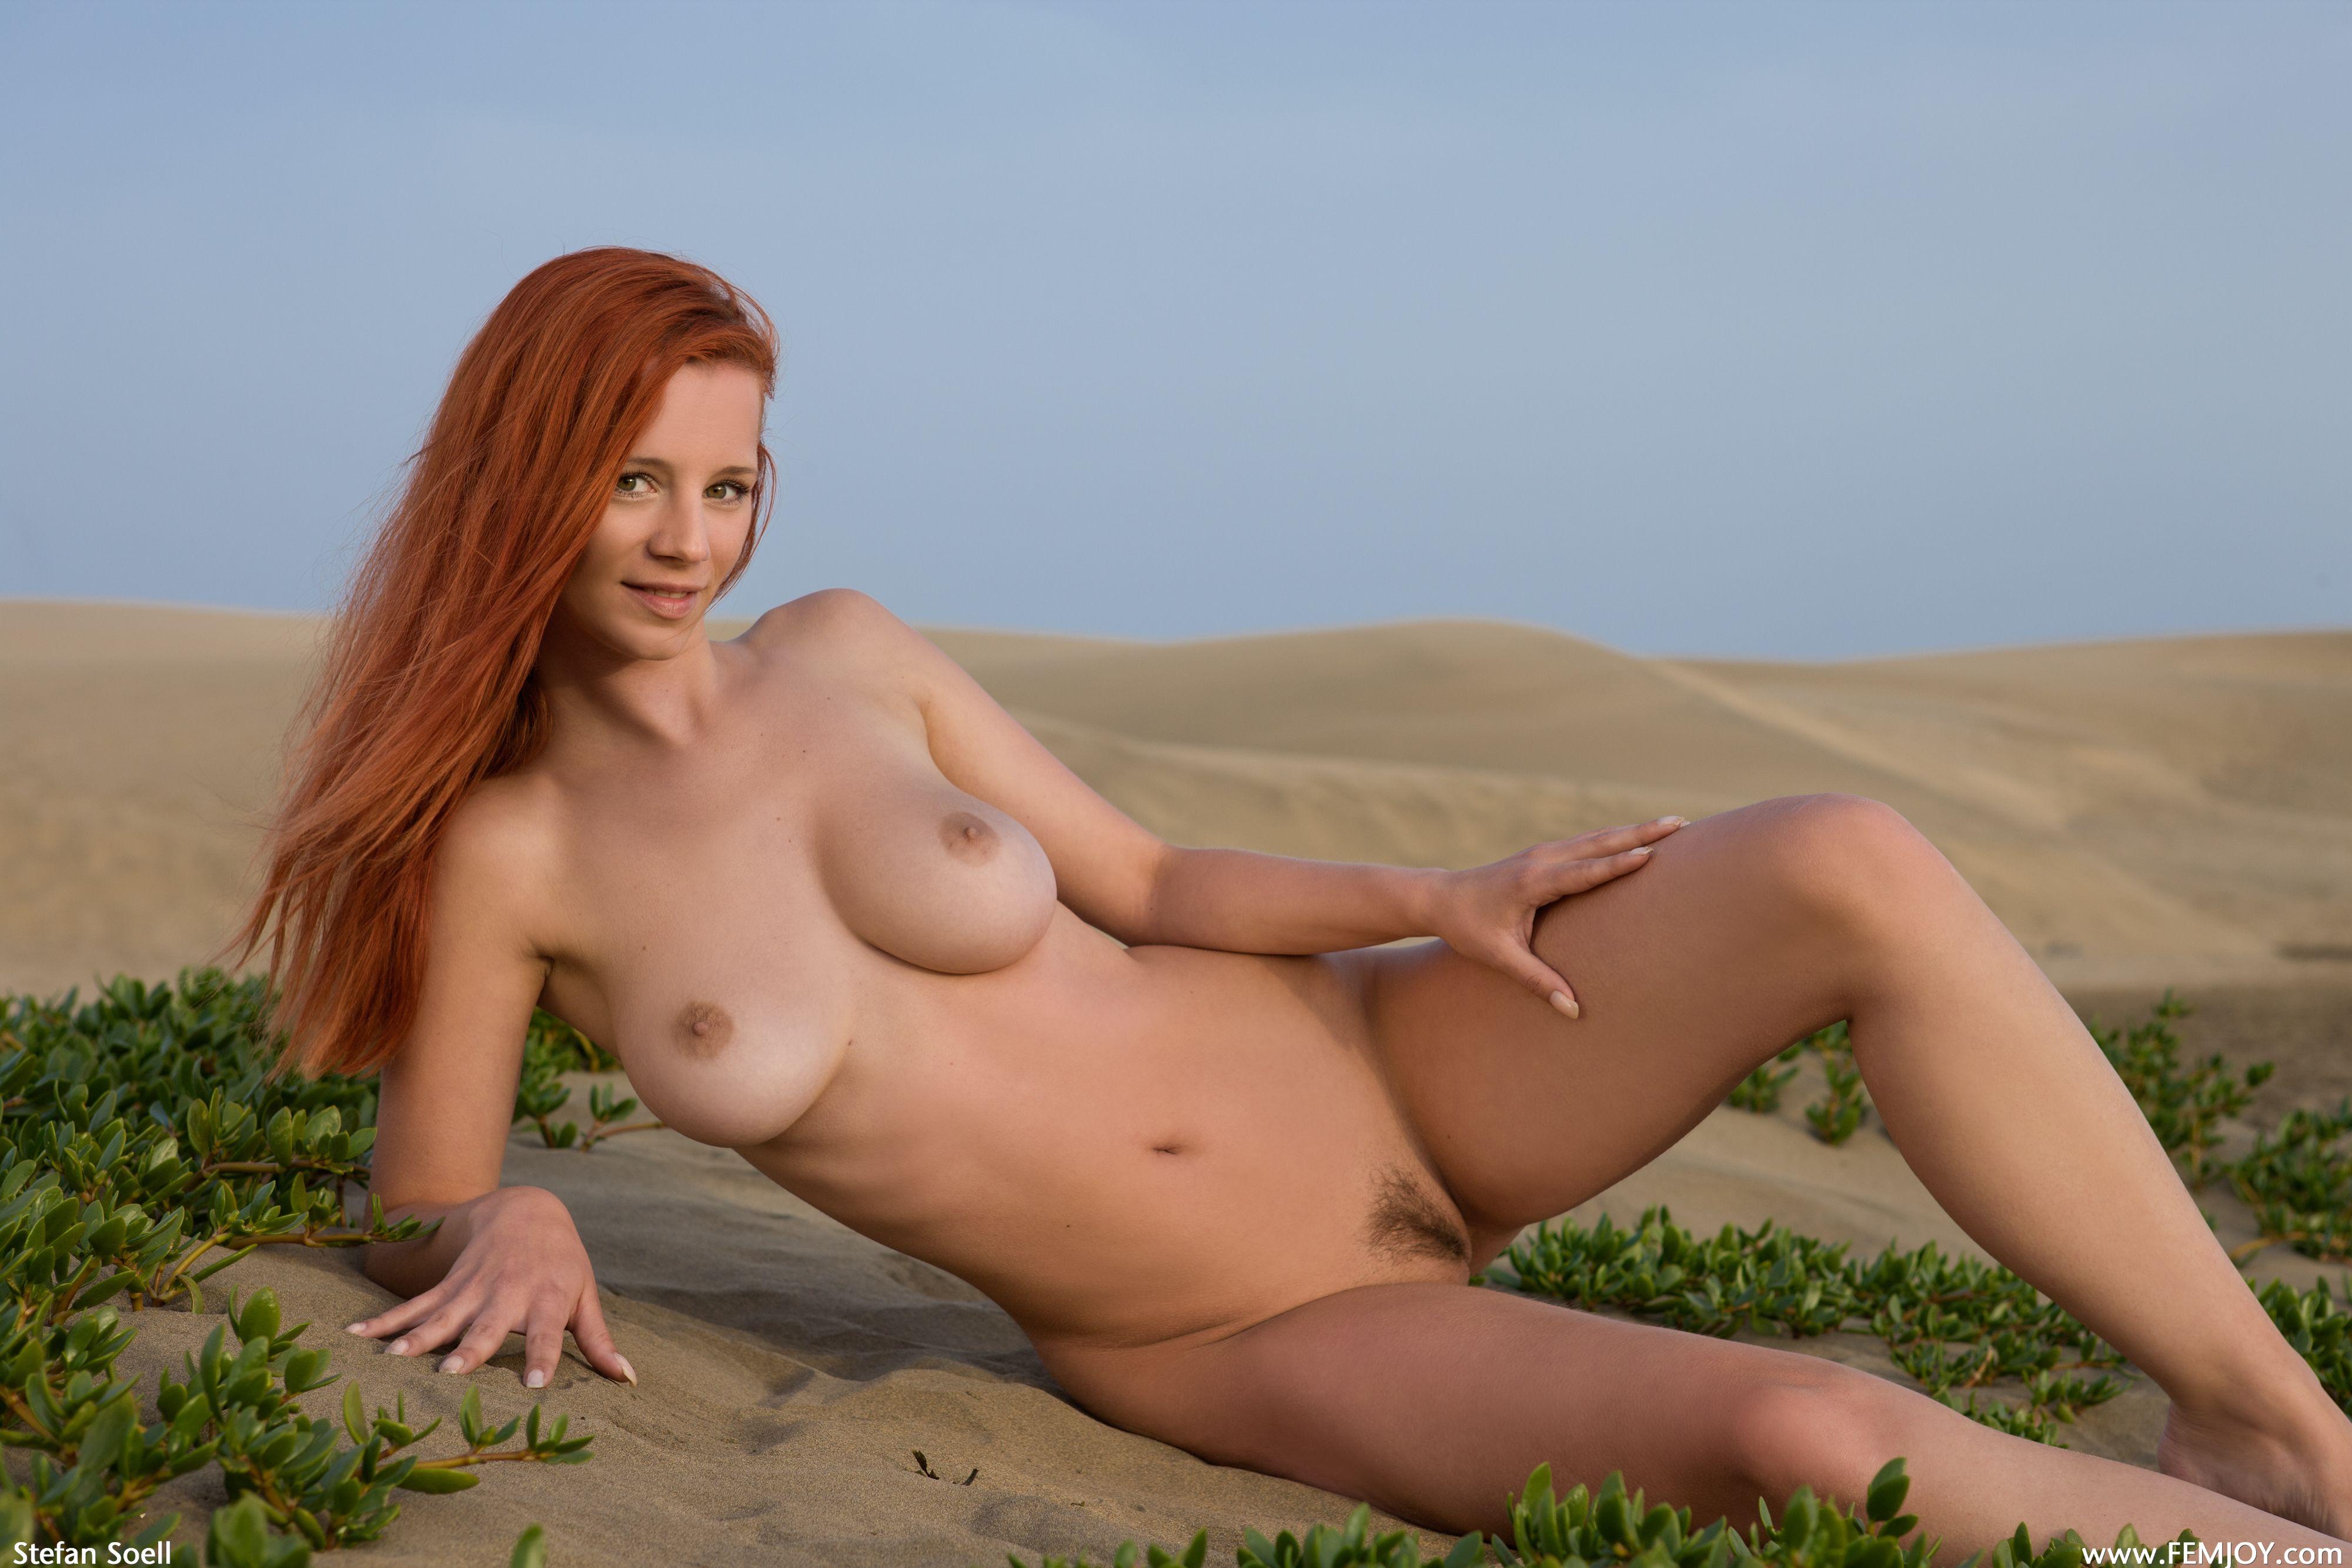 Фото девушек голых 18